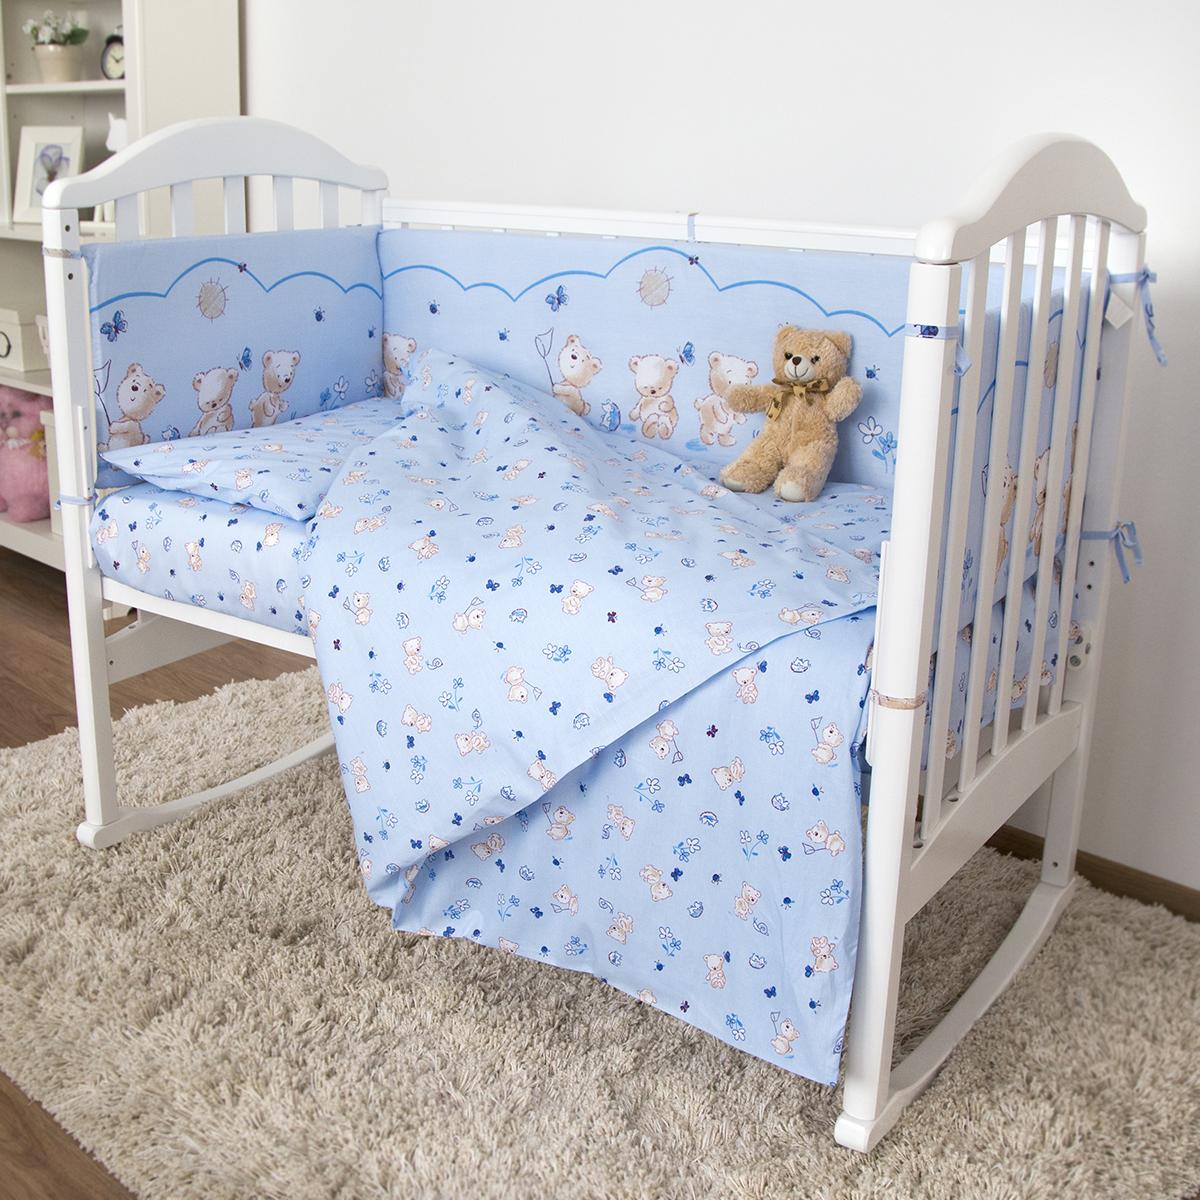 Baby Nice Детский комплект в кроватку Мишки (КПБ, бязь, наволочка 40х60), цвет: голубойН613-05Комплект в кроватку Baby Nice Мишки для самых маленьких изготовлен только из самой качественной ткани, самой безопасной и гигиеничной, самой экологичной и гипоаллергенной. Отлично подходит для кроваток малышей, которые часто двигаются во сне. Хлопковое волокно прекрасно переносит стирку, быстро сохнет и не требует особого ухода, не линяет и не вытягивается. Ткань прошла специальную обработку по умягчению, что сделало её невероятно мягкой и приятной к телу. Комплект создаст дополнительный комфорт и уют ребенку. Родителям не составит особого труда ухаживать за комплектом. Он превосходно стирается, легко гладится. Ваш малыш будет в восторге от такого необыкновенного постельного набора! В комплект входит: одеяло, пододеяльник, подушка, наволочка, простынь, 4 борта.